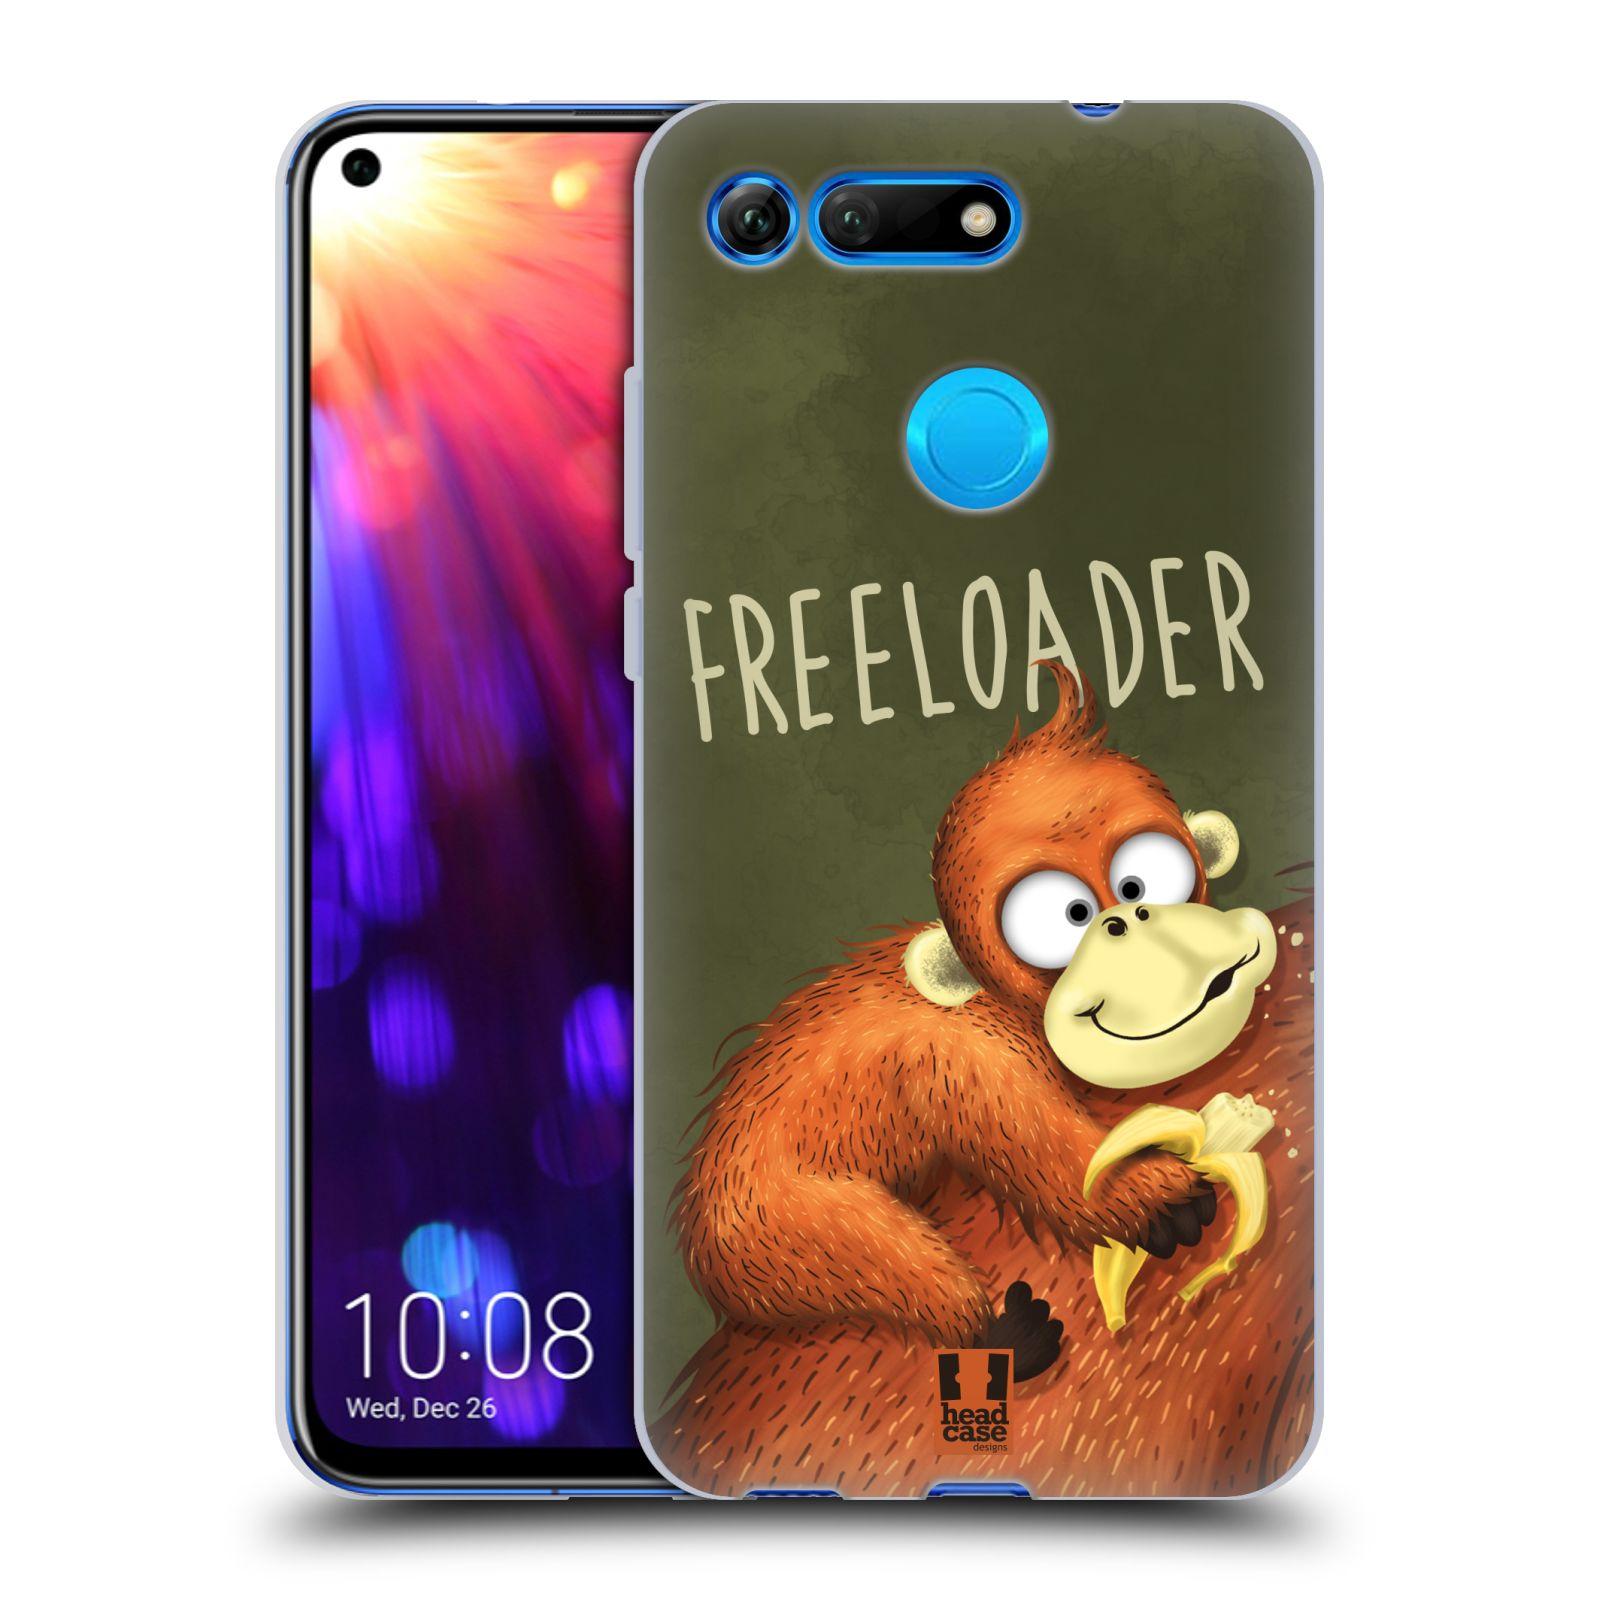 Silikonové pouzdro na mobil Honor View 20 - Head Case - Opičák Freeloader